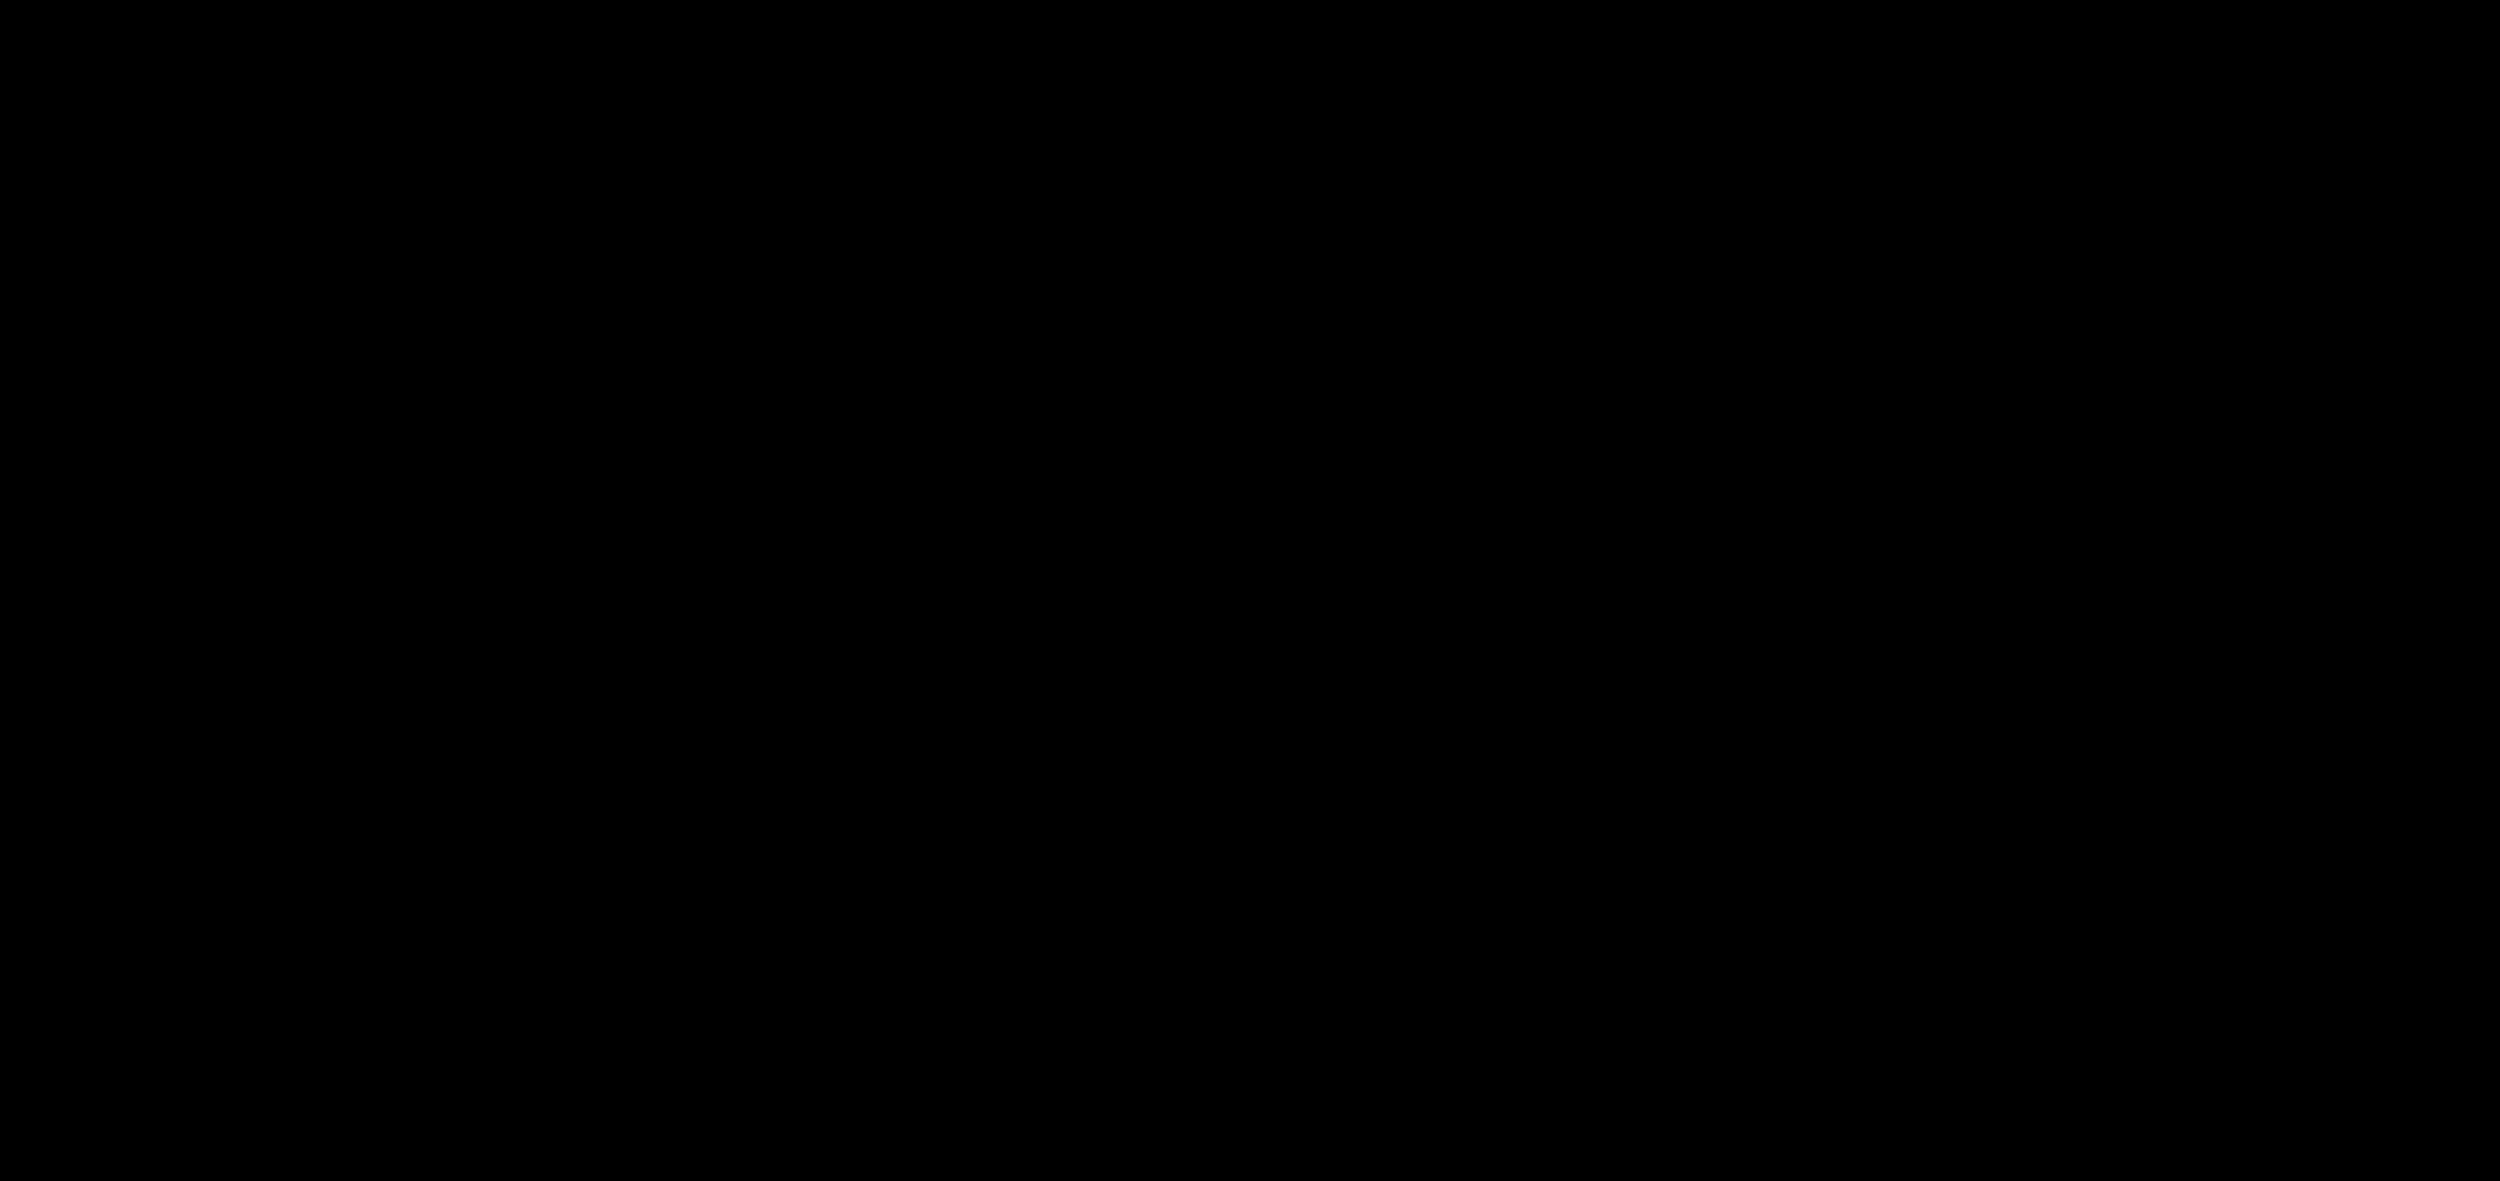 BIOS.Logo-01.png